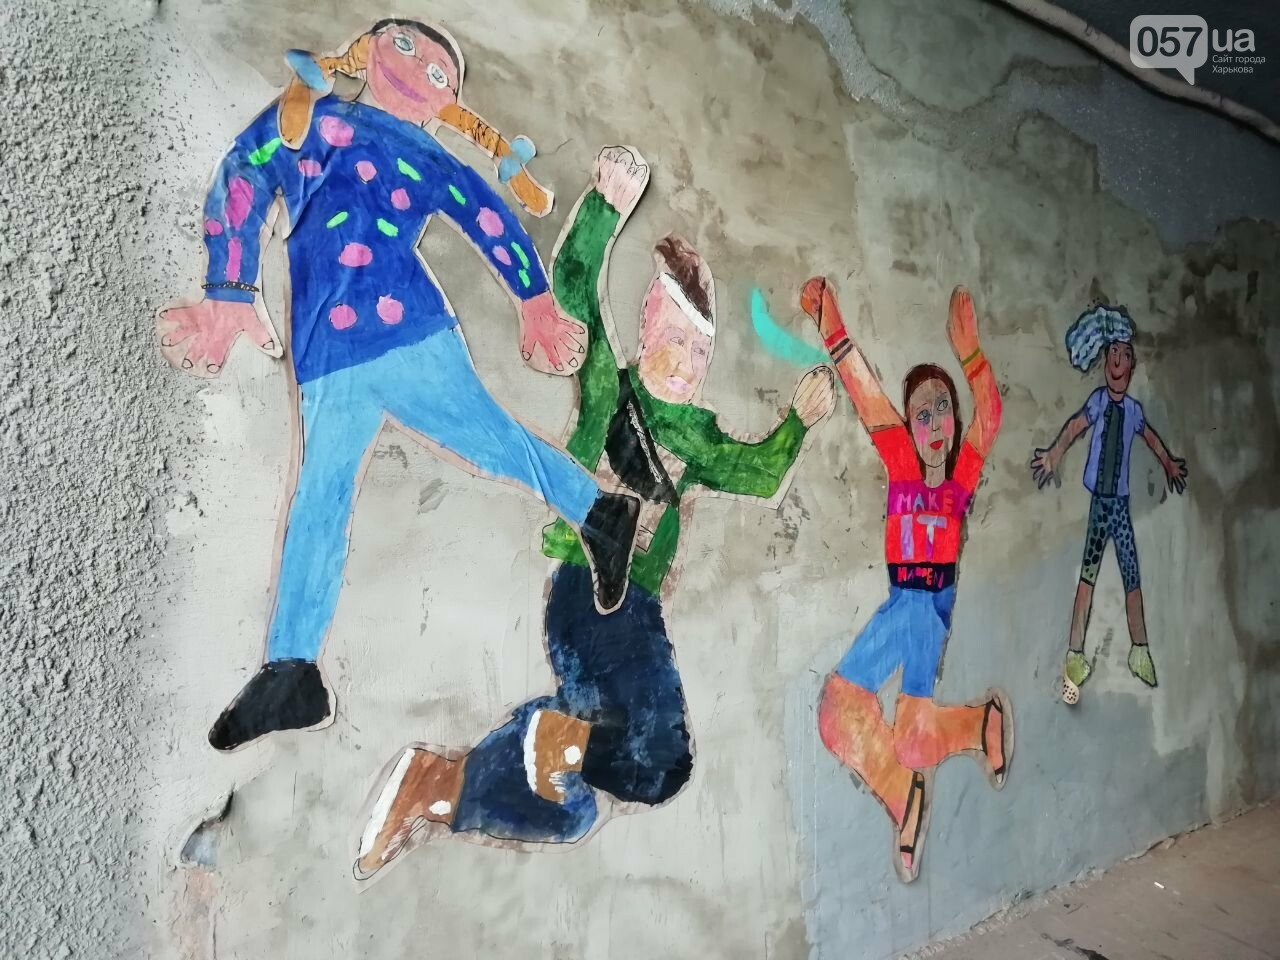 «Город – это мы»: в центре Харькова устроили яркую арт-акцию, - ФОТО, фото-3